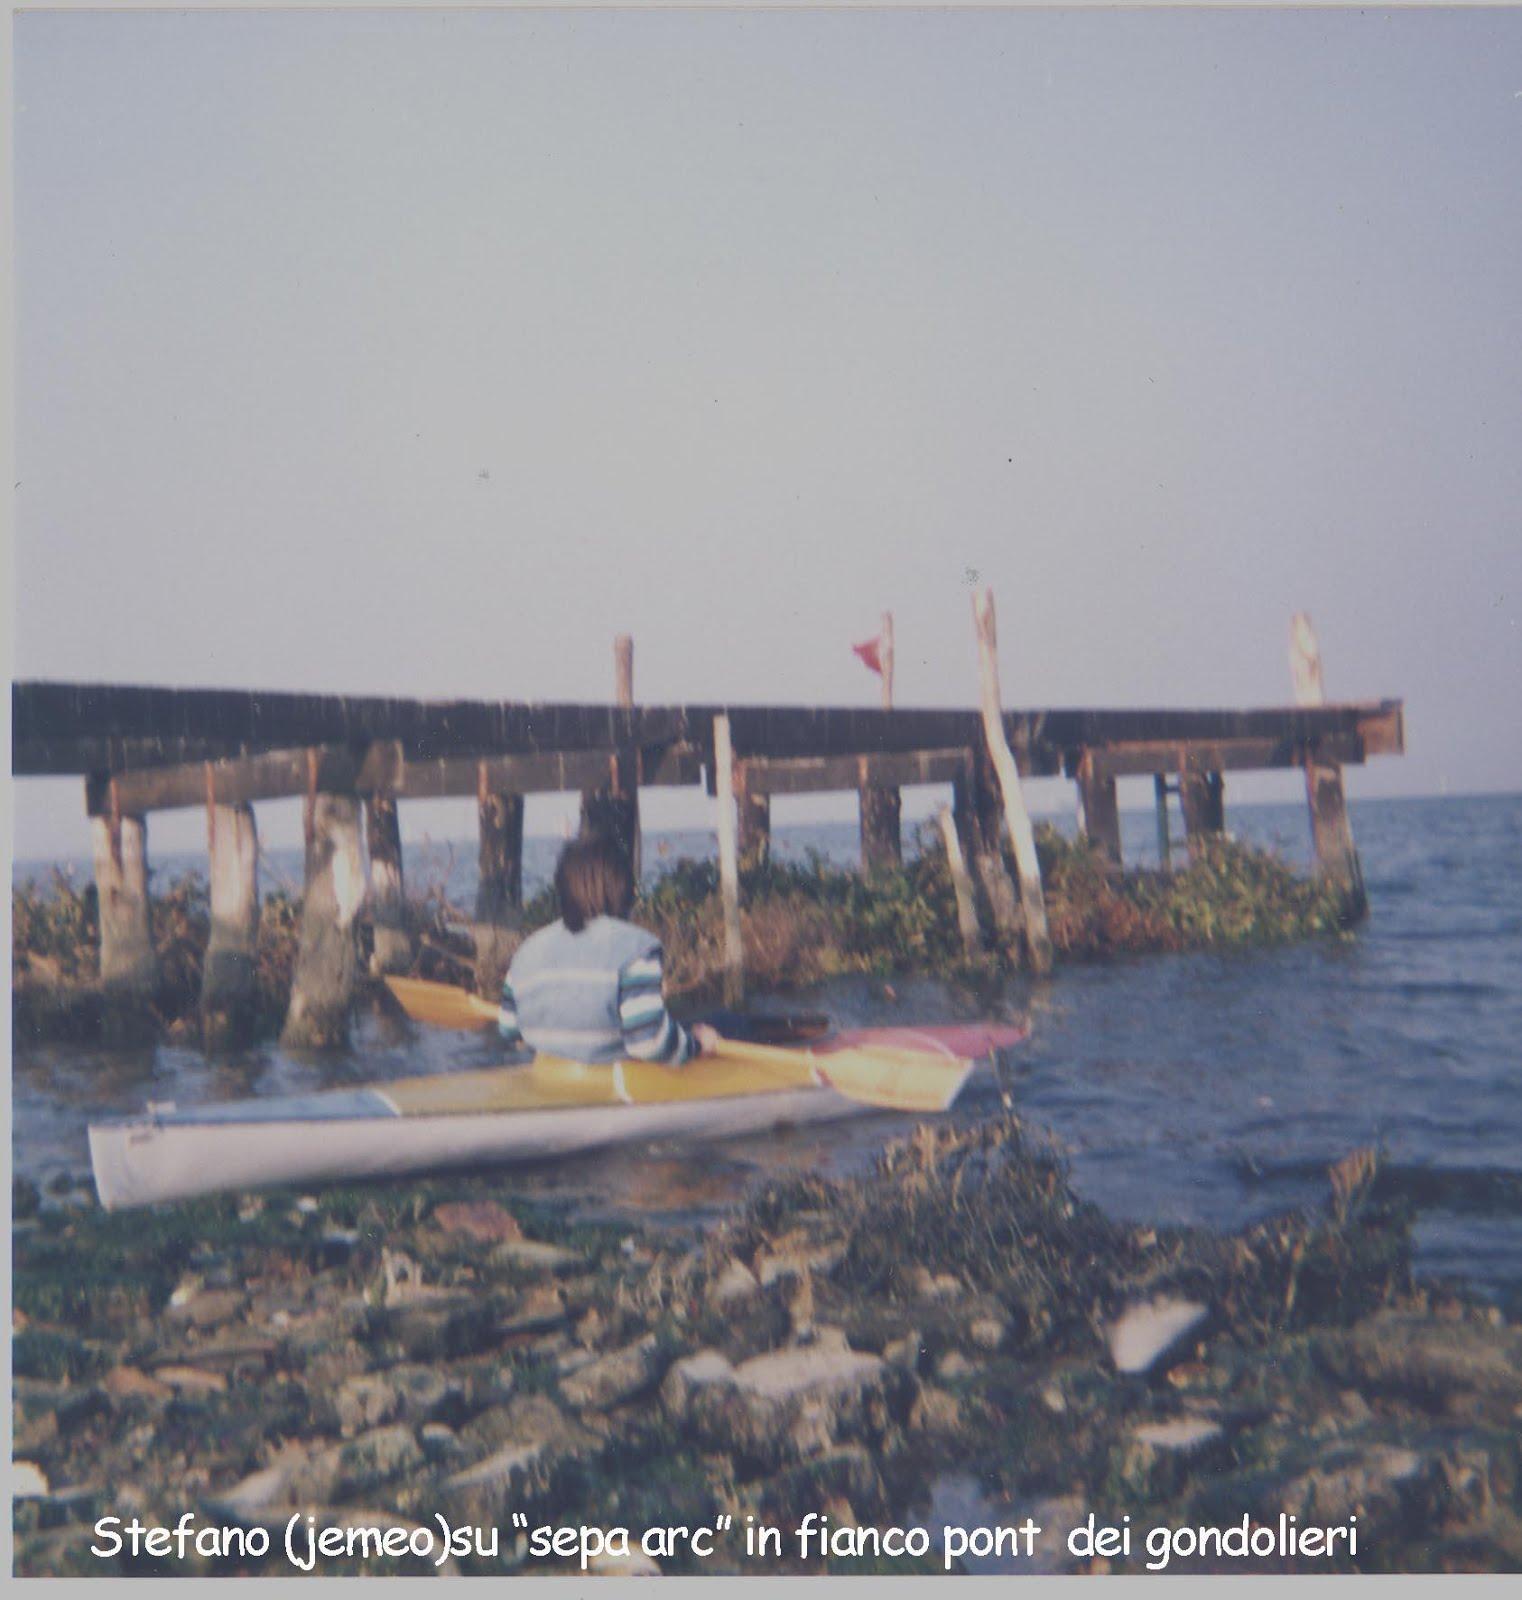 isola di campalto, imbarcadero dei gondolieri (anni '80)